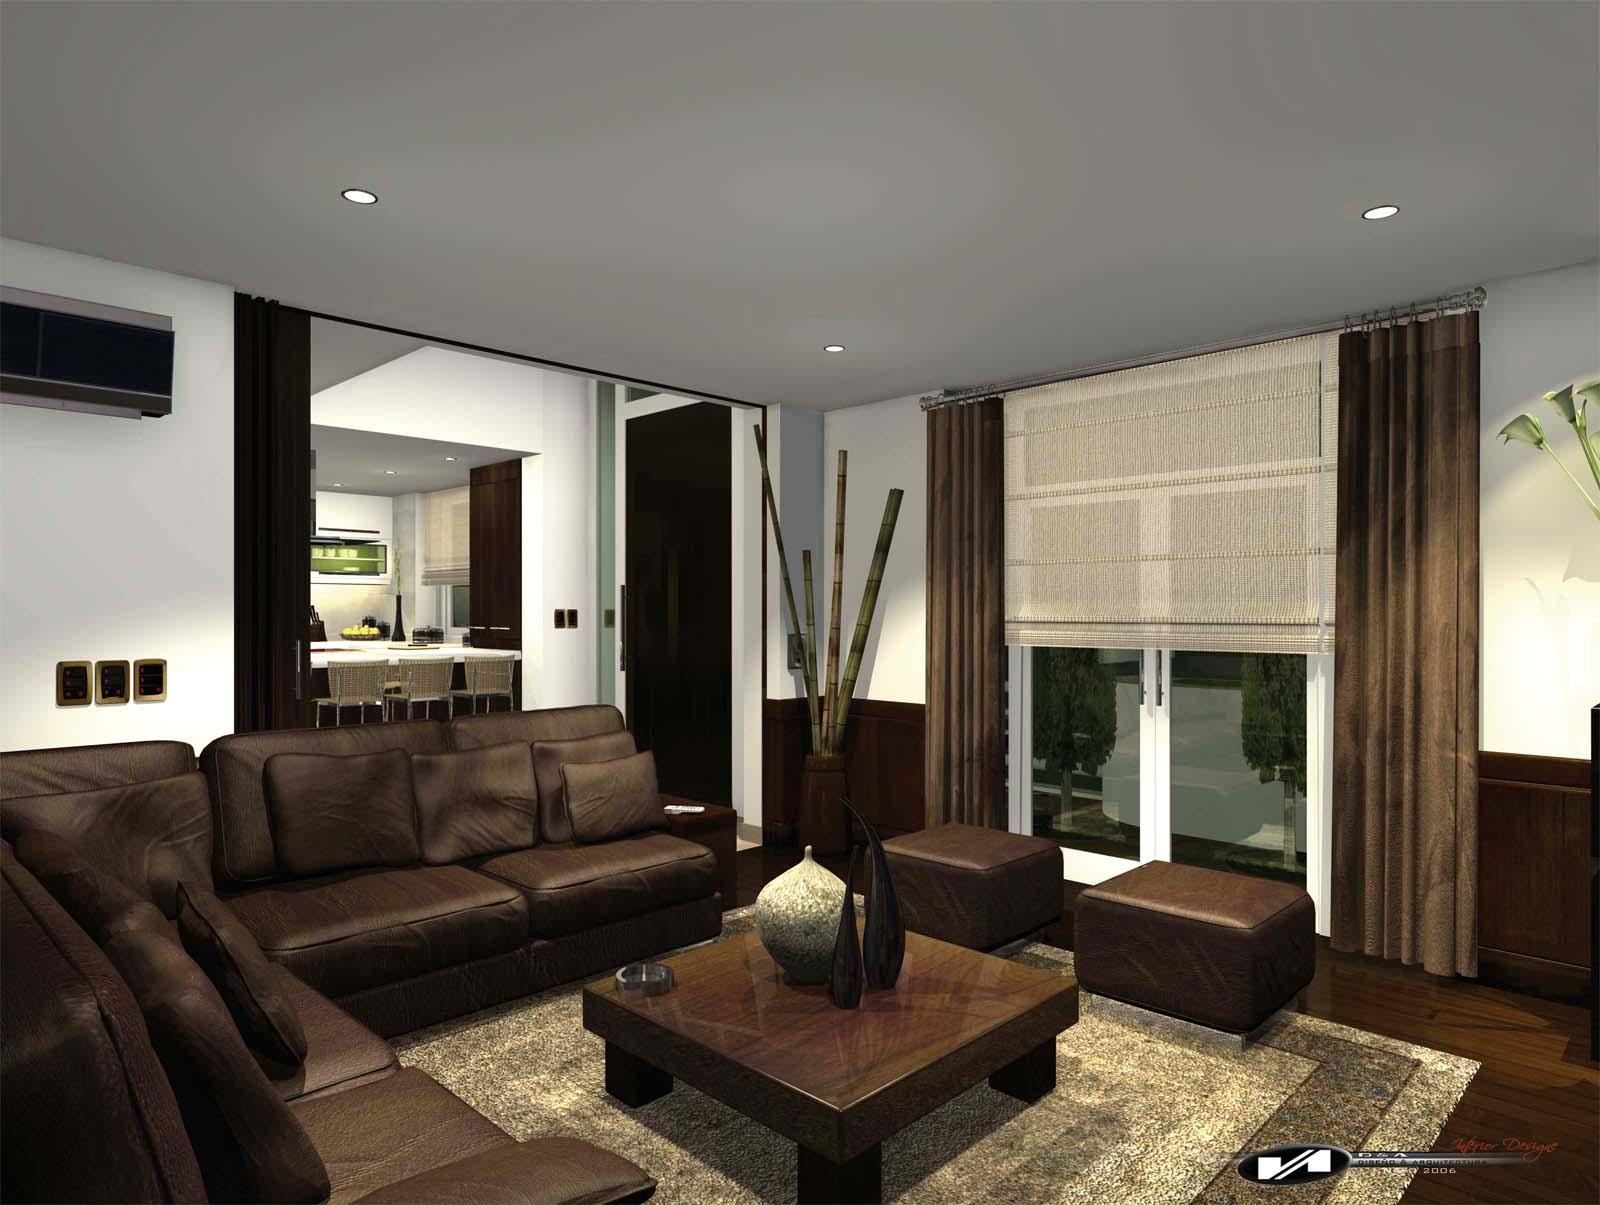 Sala de tv for Decoracion de interiores vigo